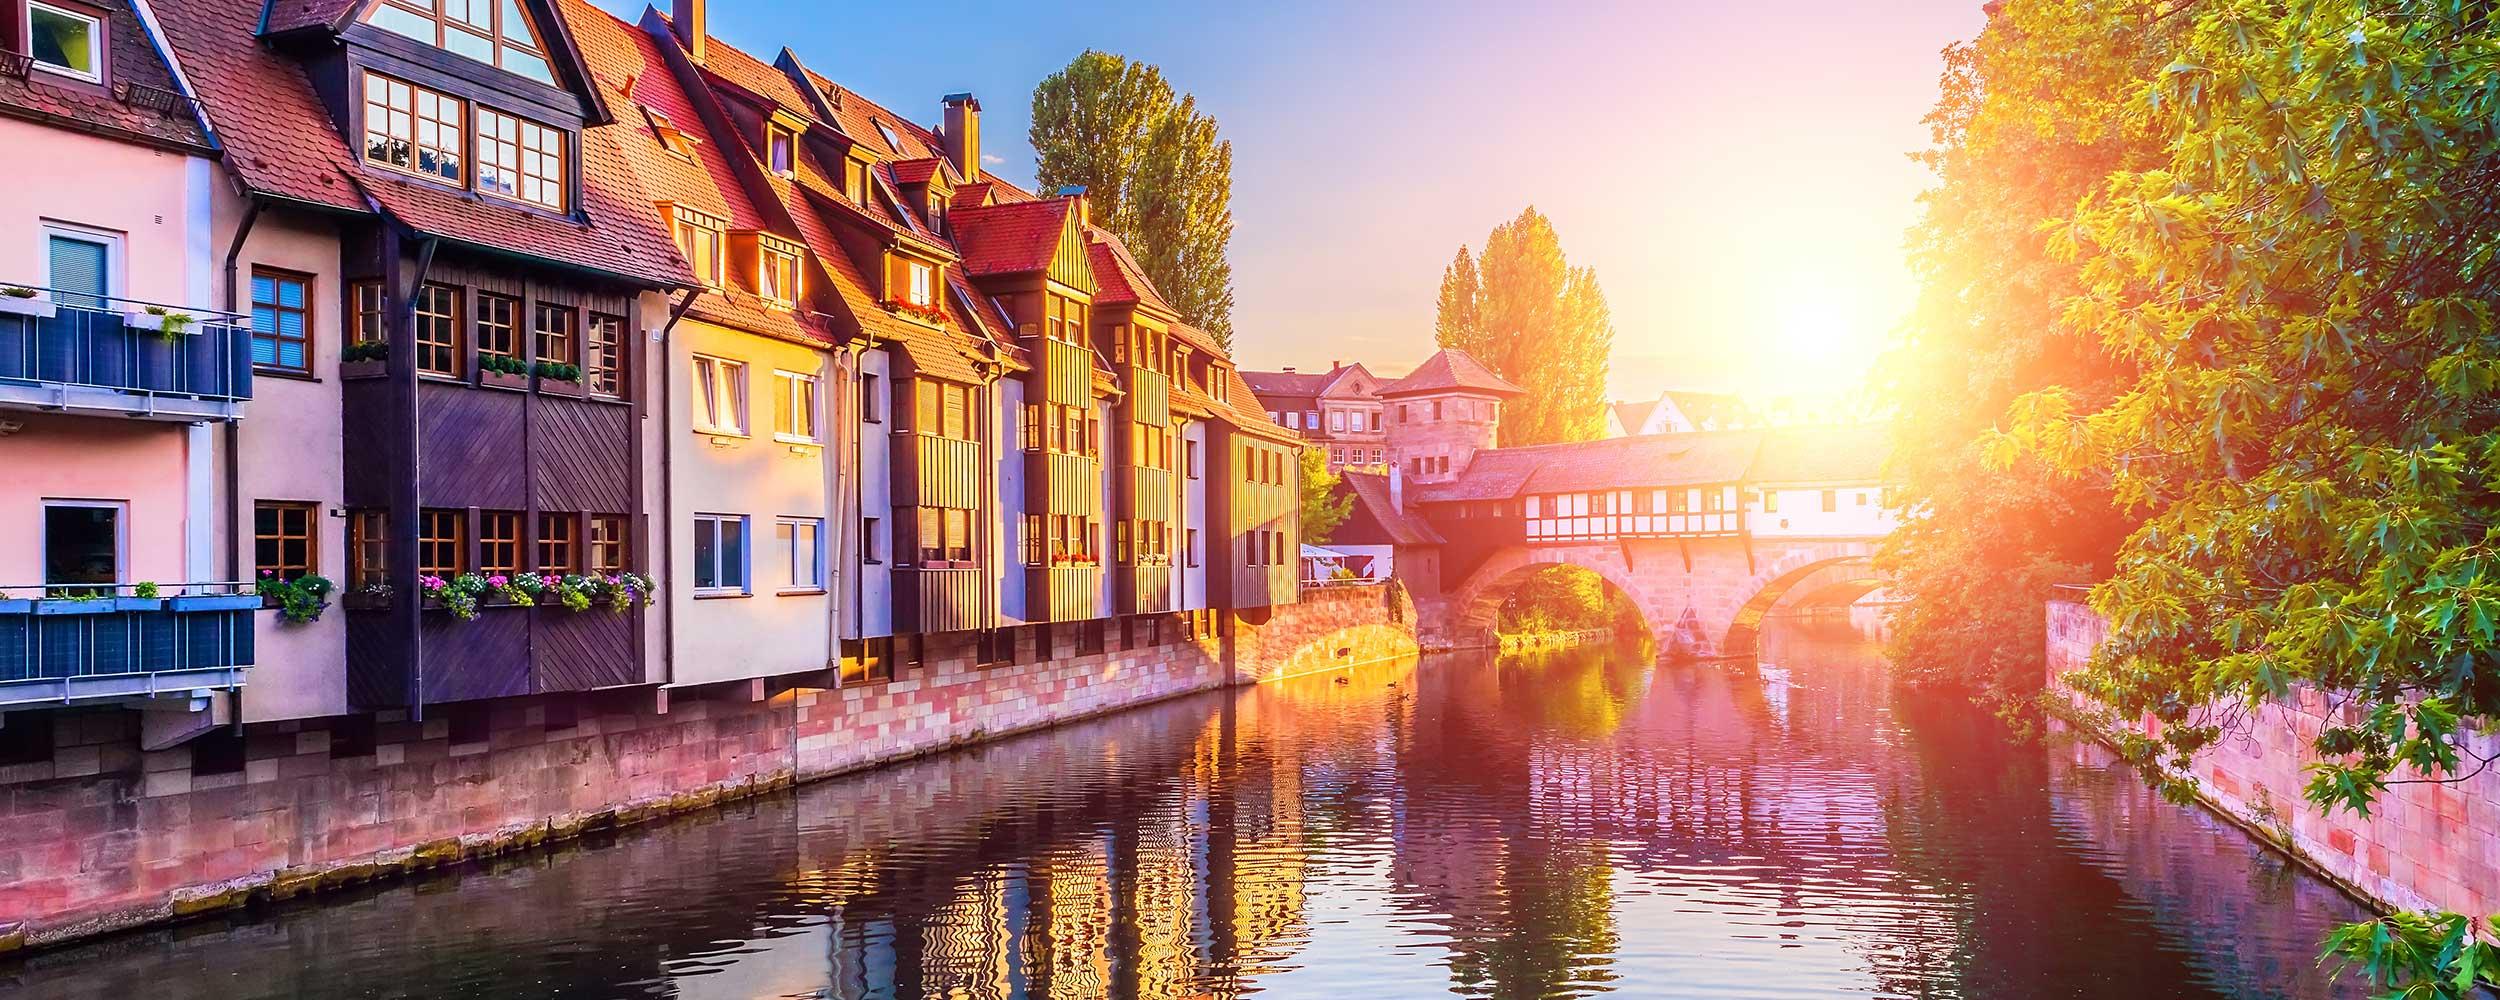 Main Romantik Nürnberg - Köln